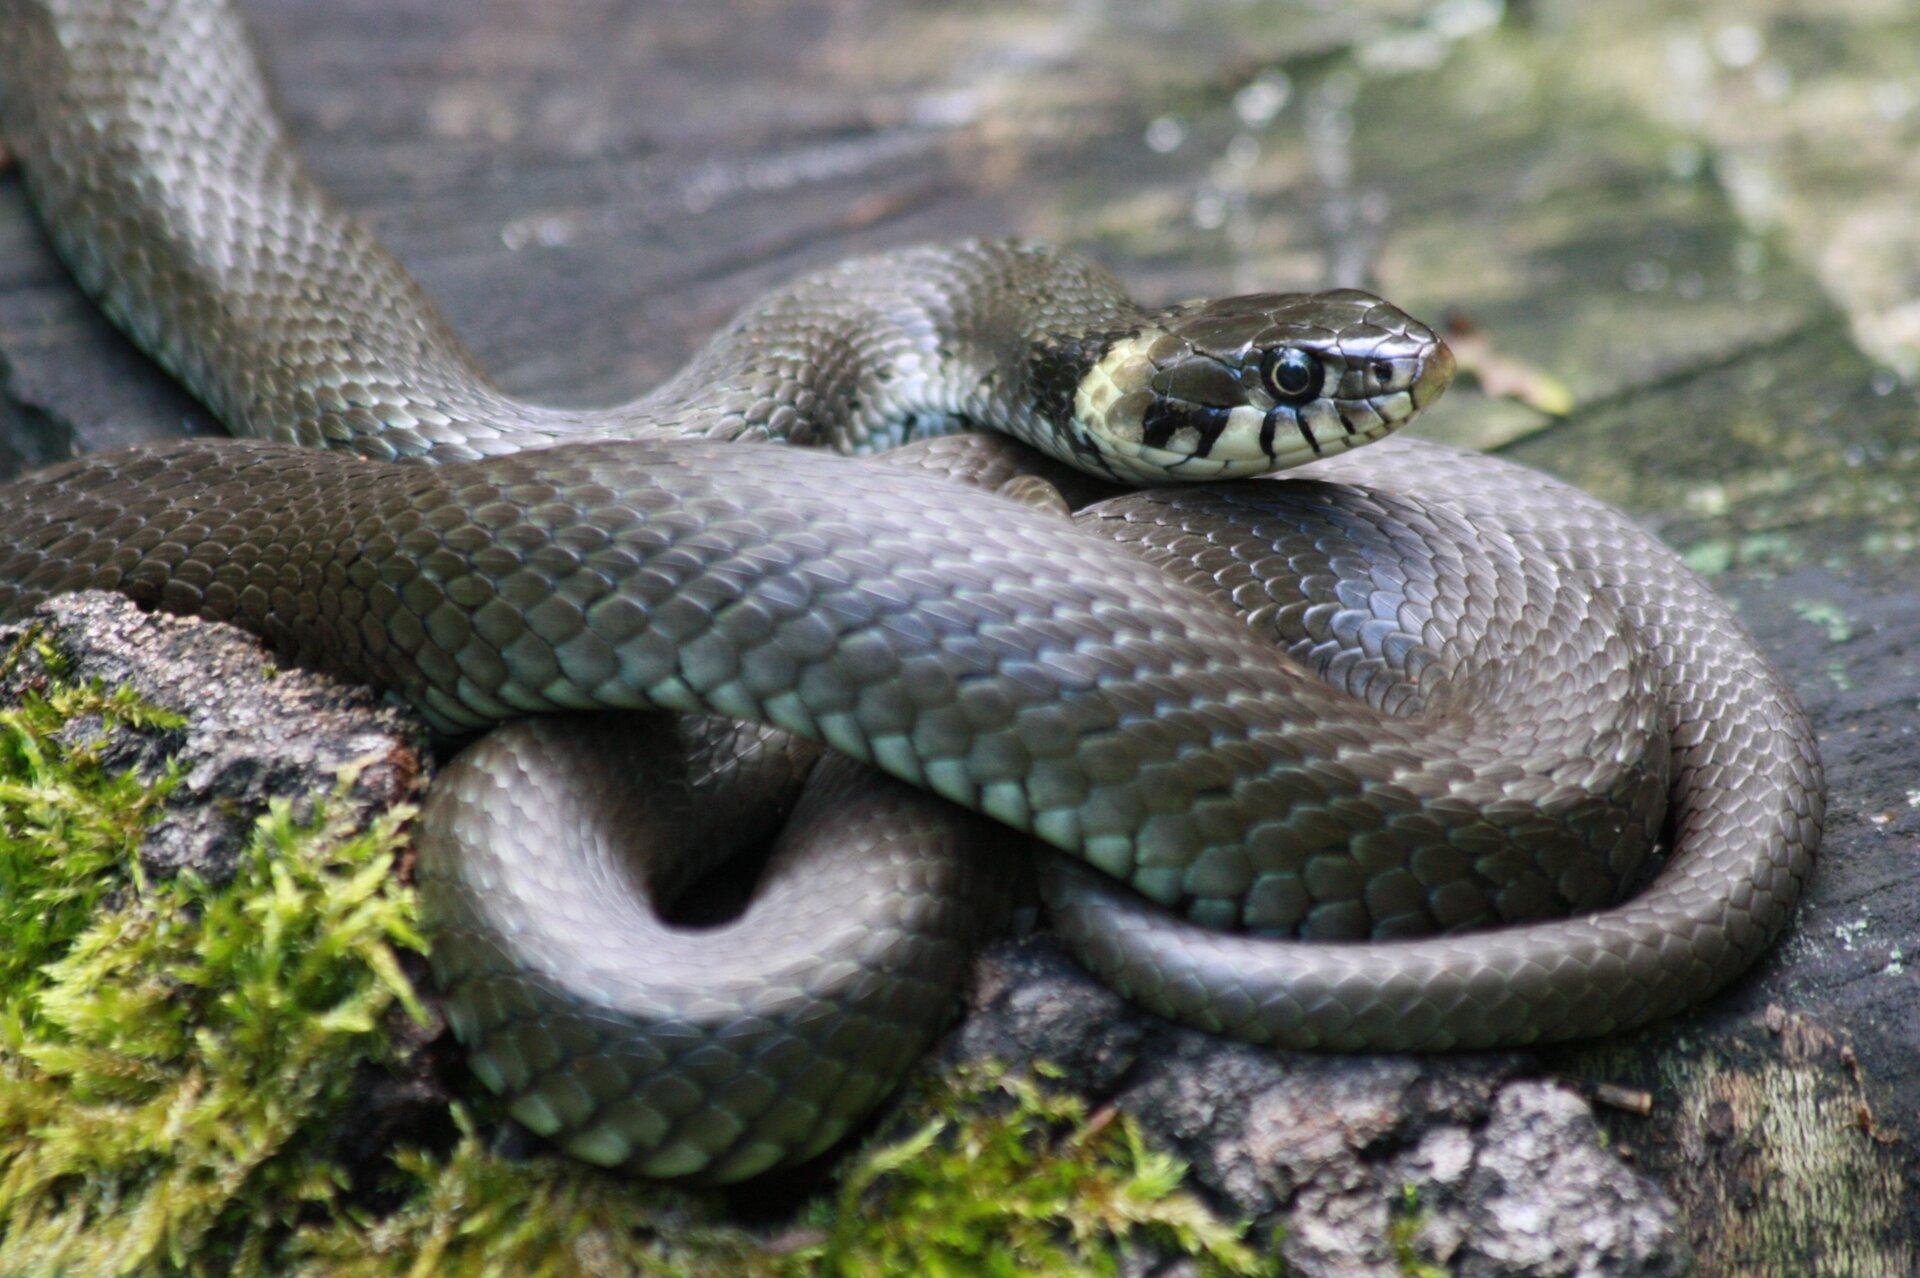 Fotografia zaskrońca. Zwierzę ma długie ciało pozbawione kończyn, barwy czarnej, pokryte łuskami. Głowa szersza od reszty ciała, tuż za nią widać dwie żółte plamy.